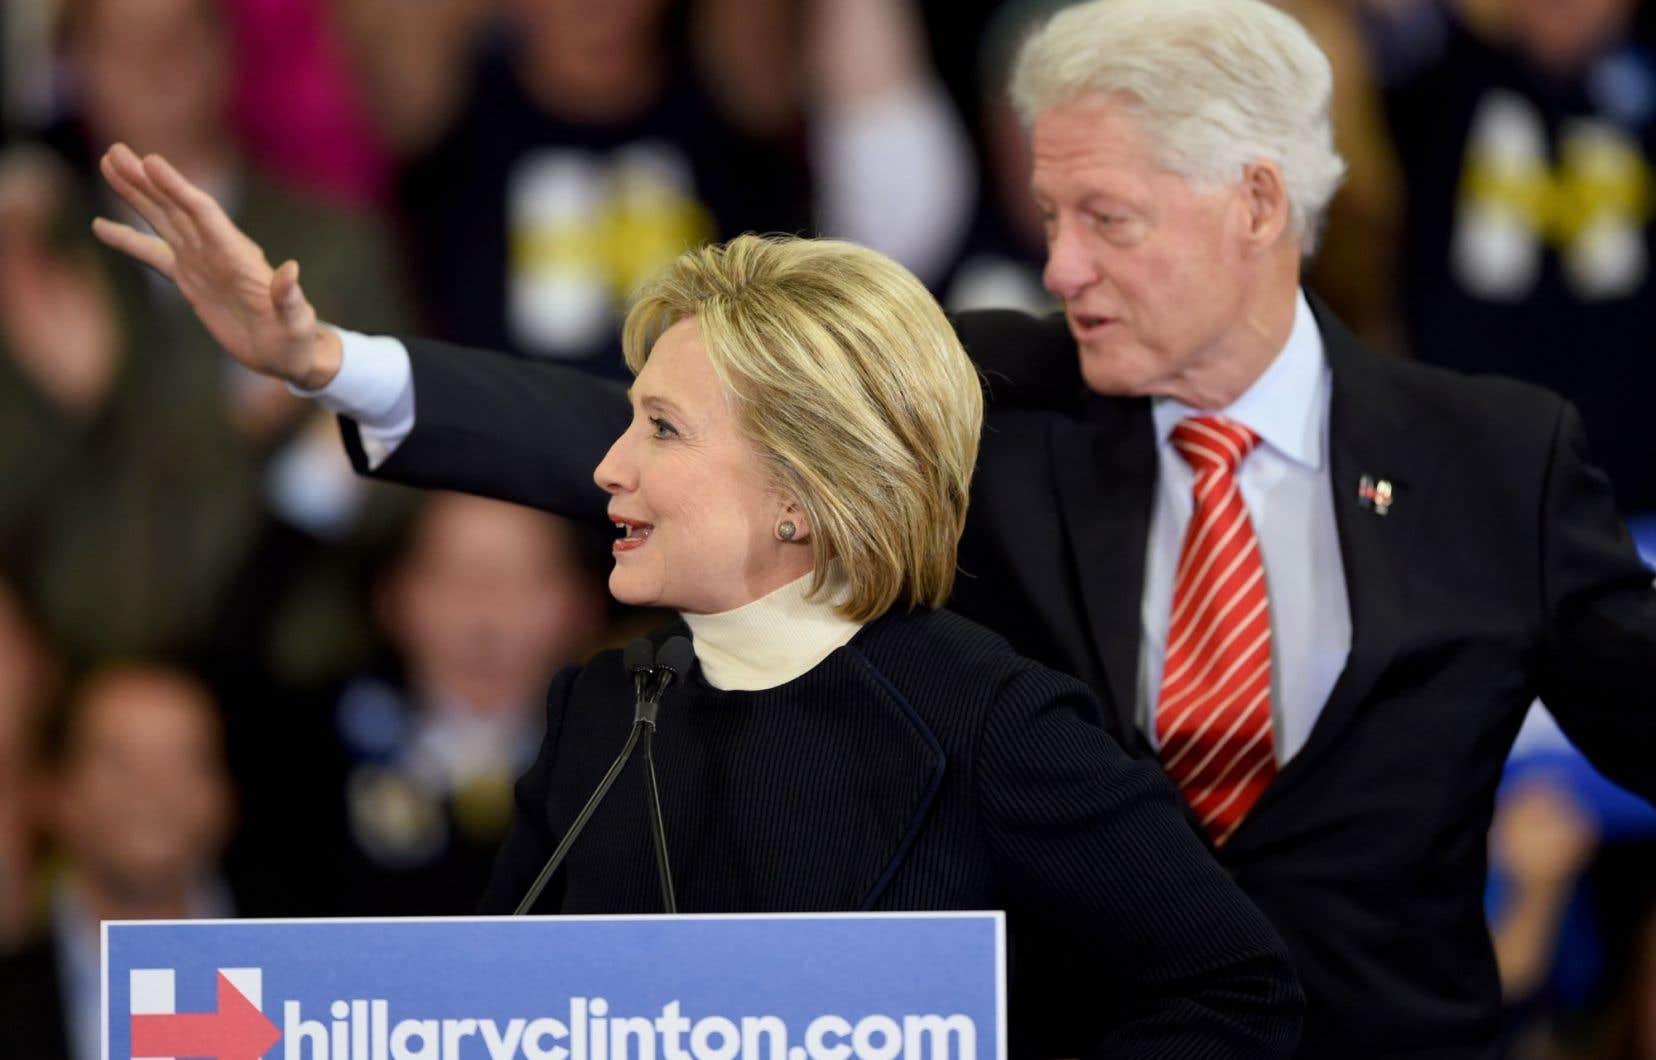 Hillary Clinton, accompagnée par son époux Bill, s'est montrée souriante malgré sa défaite lundi.